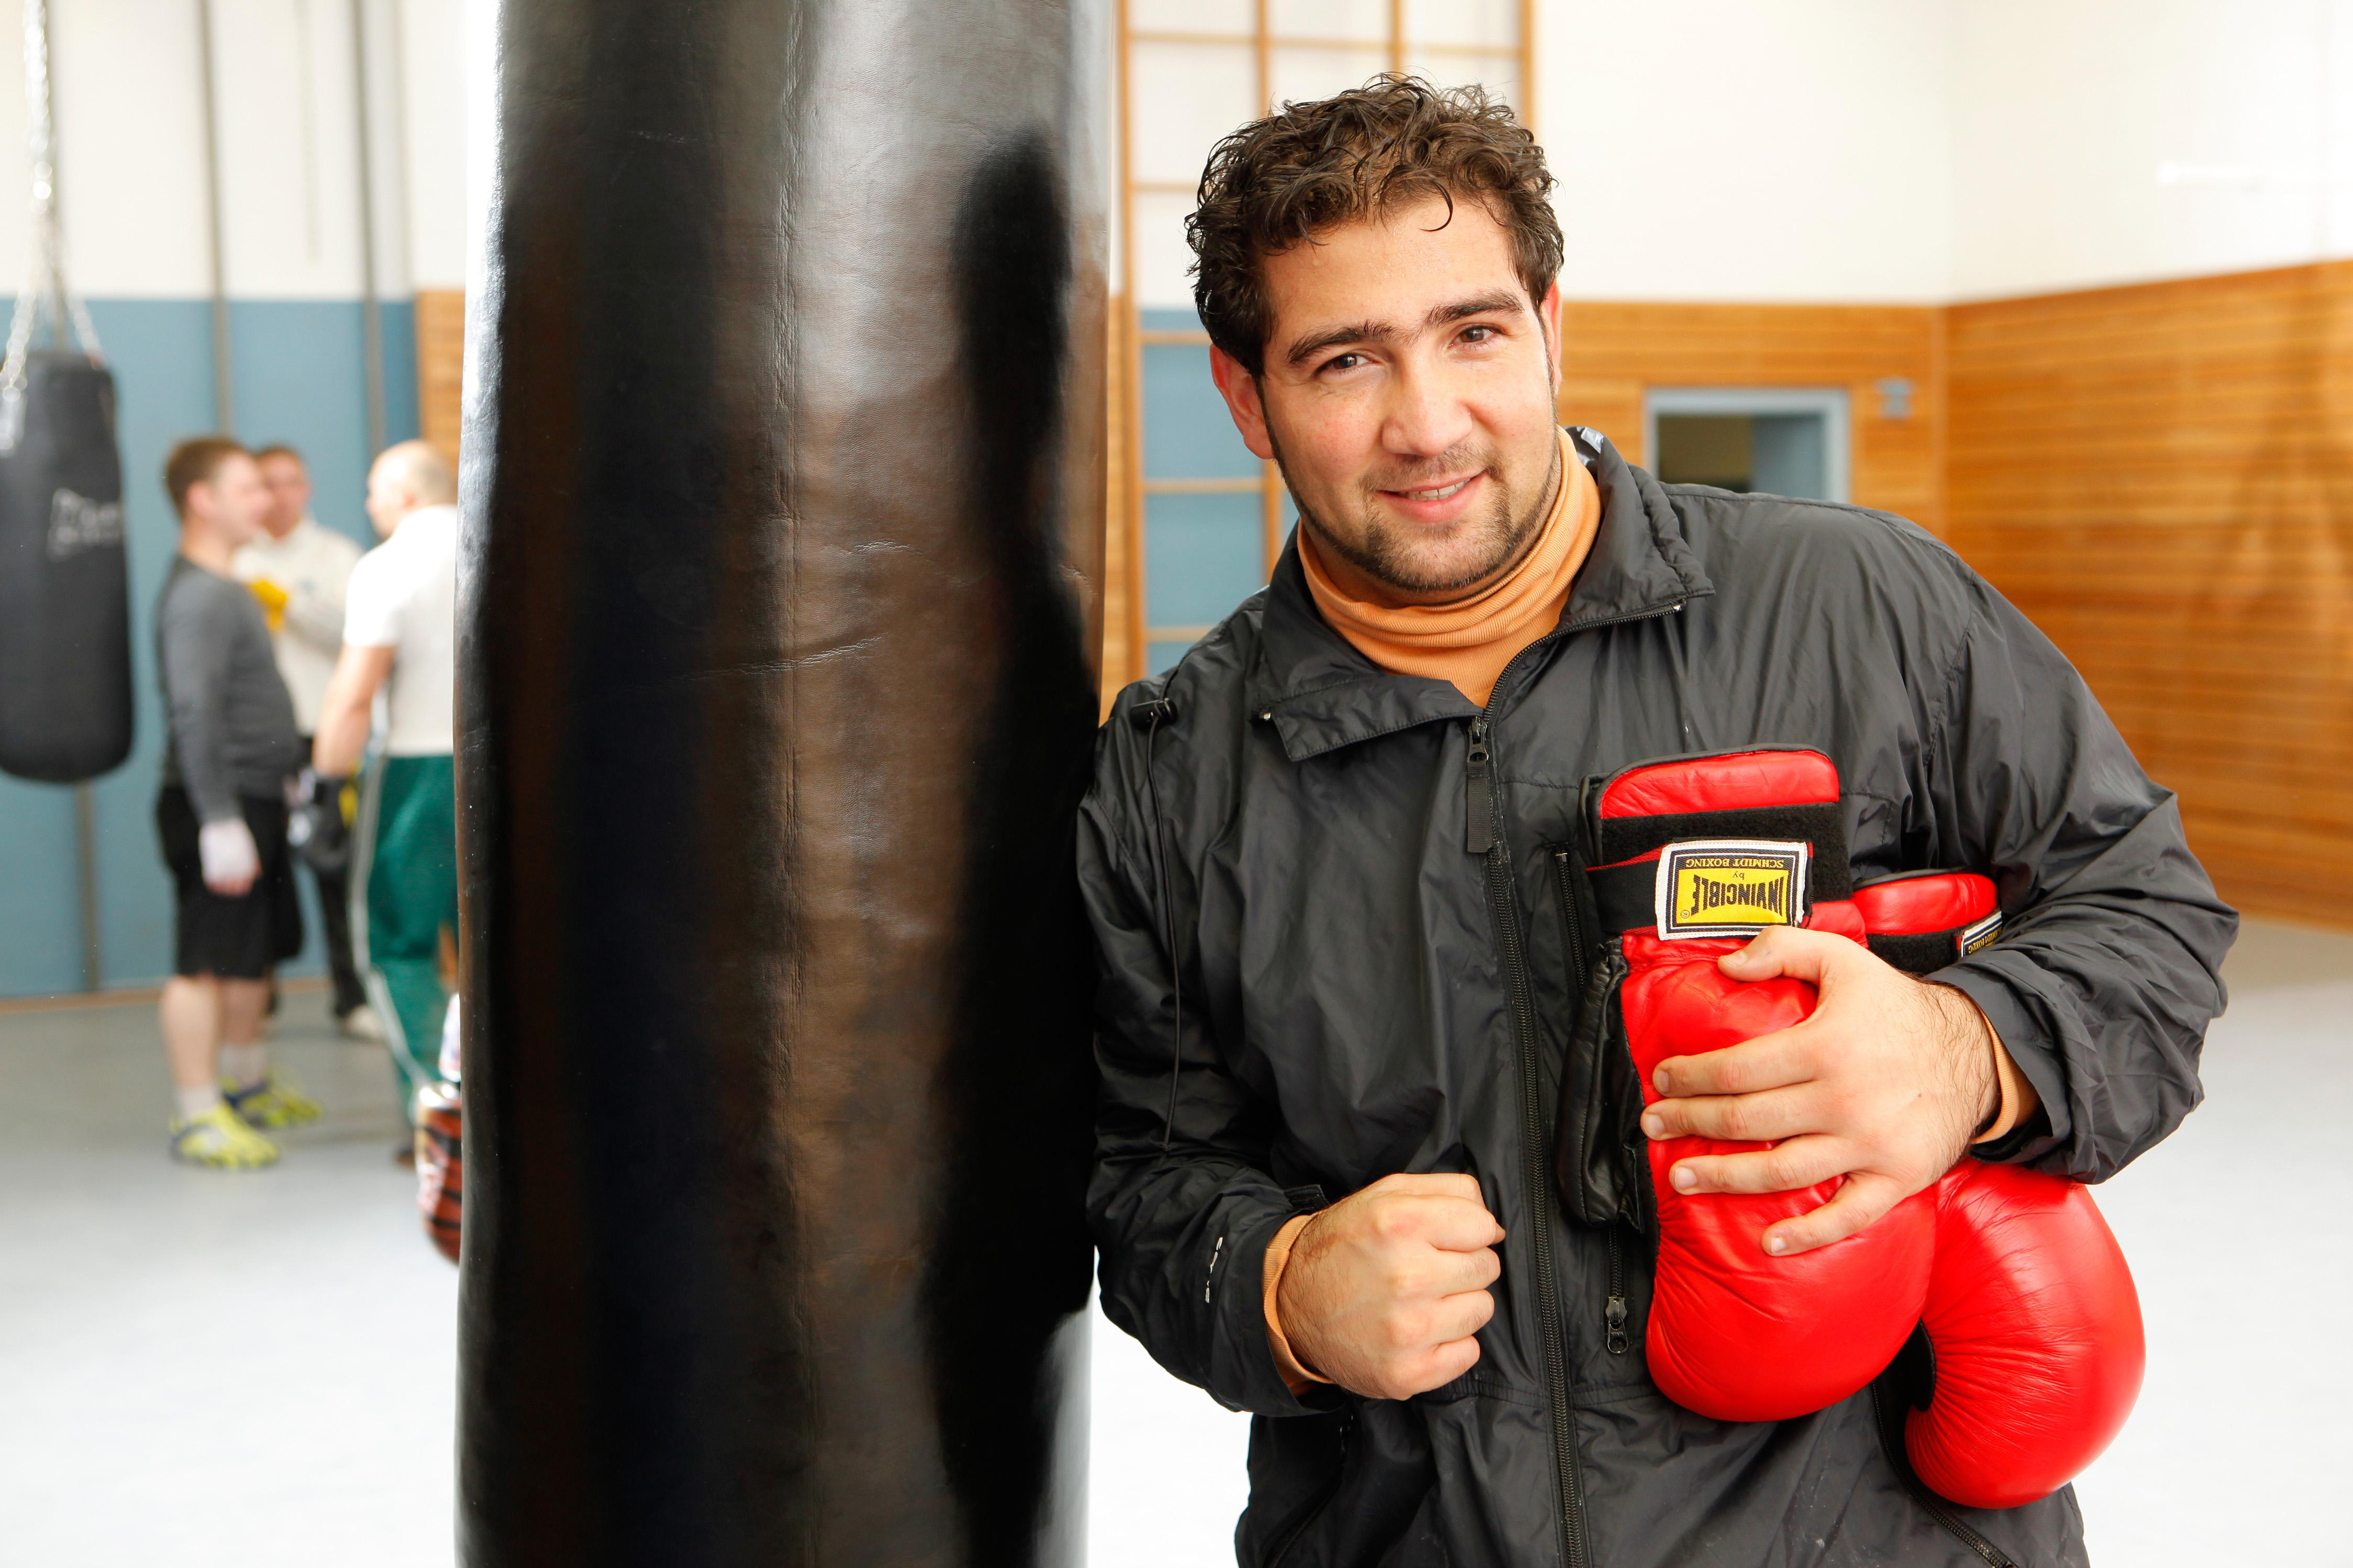 Dr. Farid Vatanparast, Absolvent der Fachhochschule Münster, hat den Deutschen Bürgerpreis 2012 gewonnen. Foto: Udo Geisler.